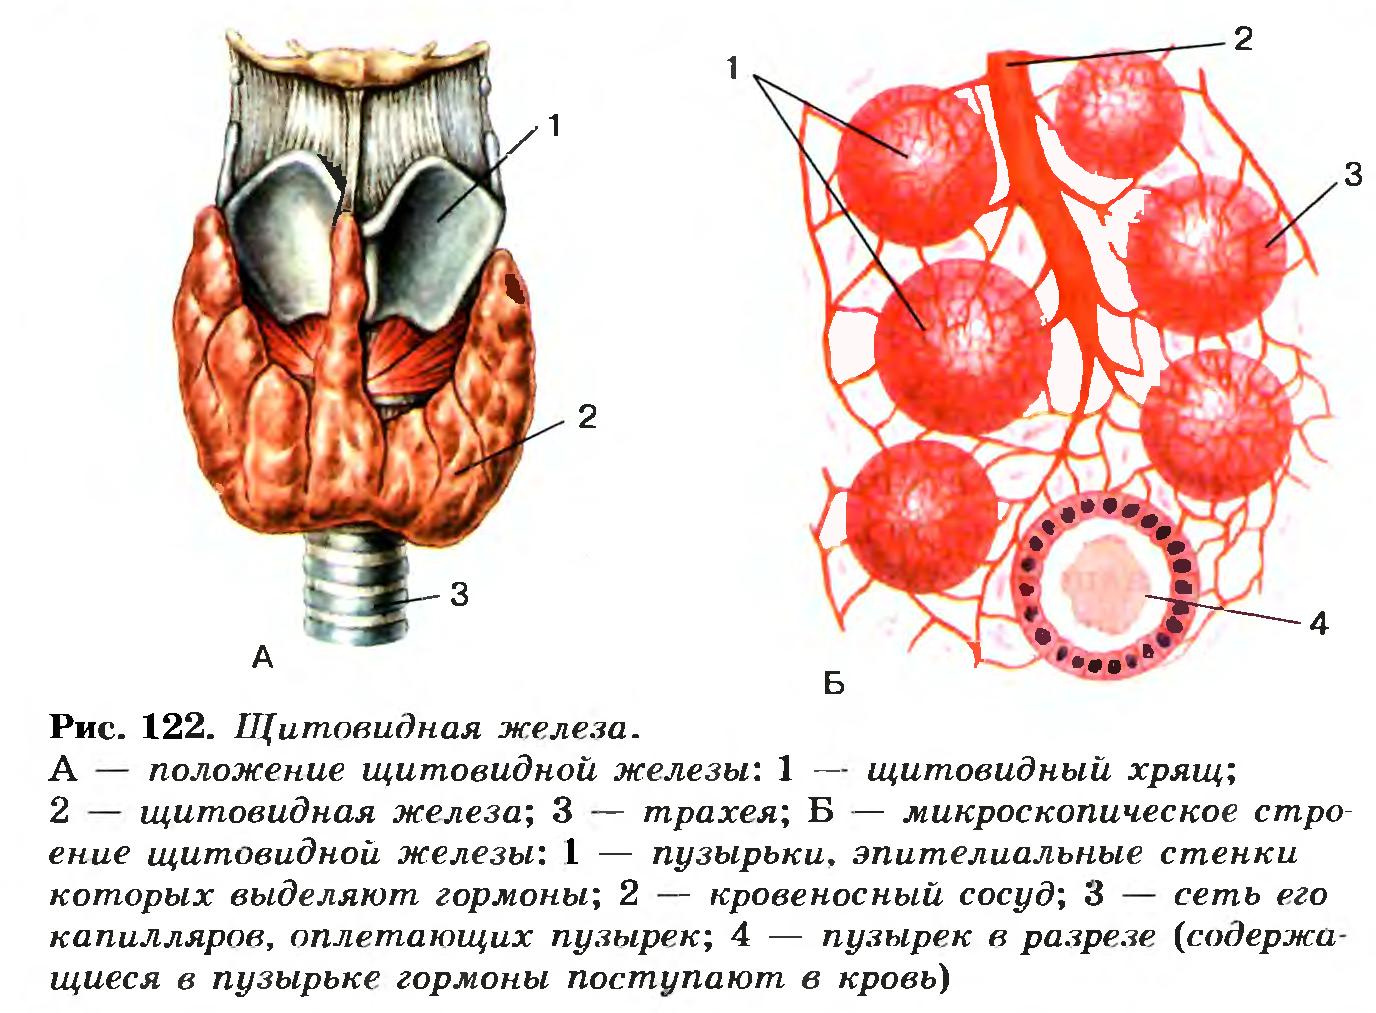 Заговор от вируса папилломы человека